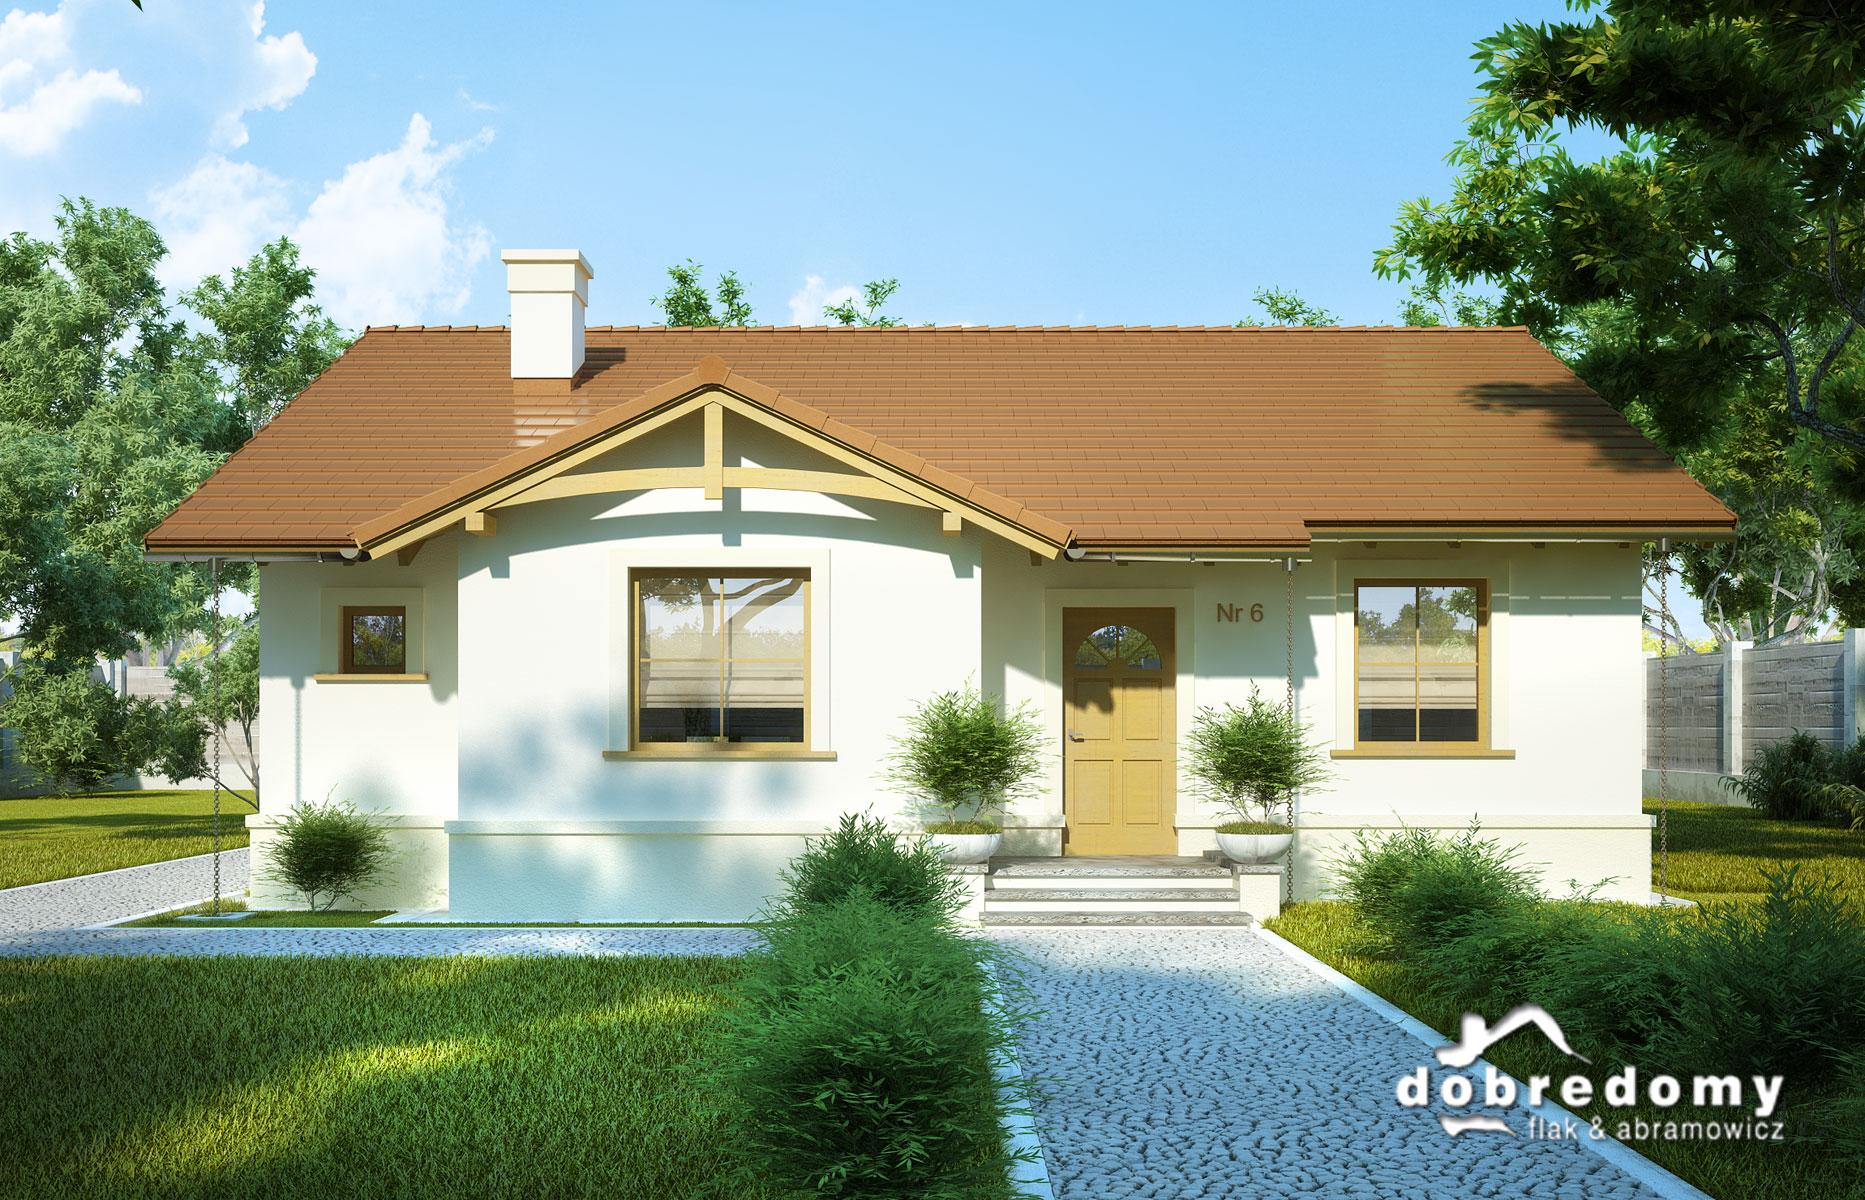 Funkcjonalny dom dla osoby starszej i o ograniczonej sprawności